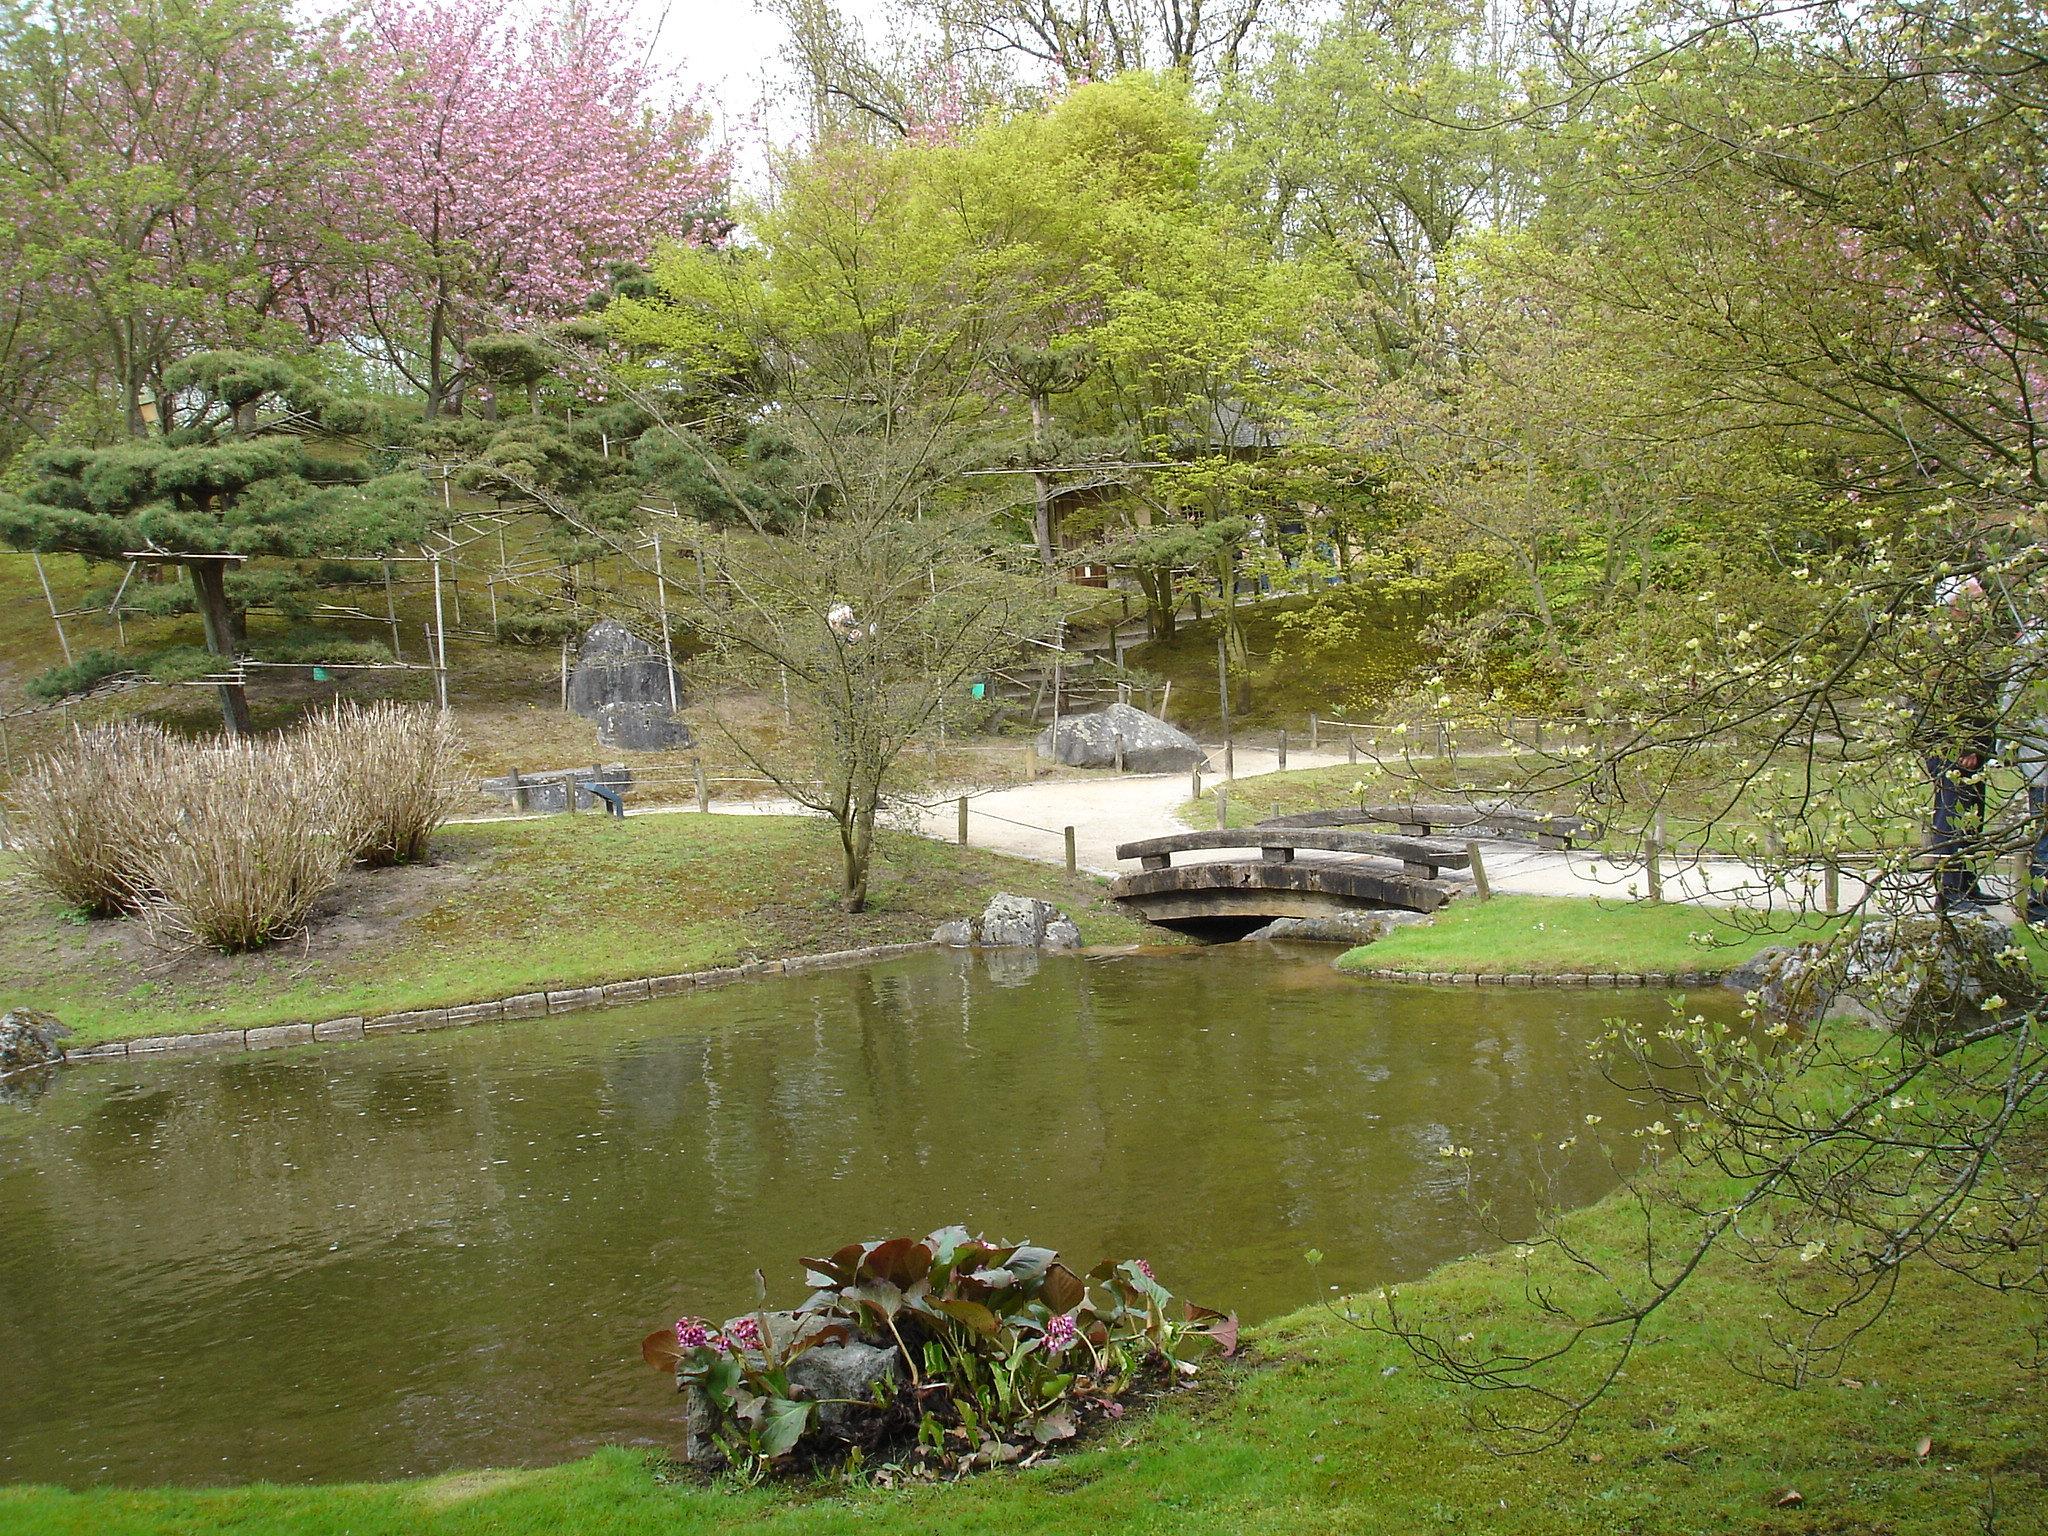 Jardin japonais hasselt 06 for Jardin japonais hasselt 2016